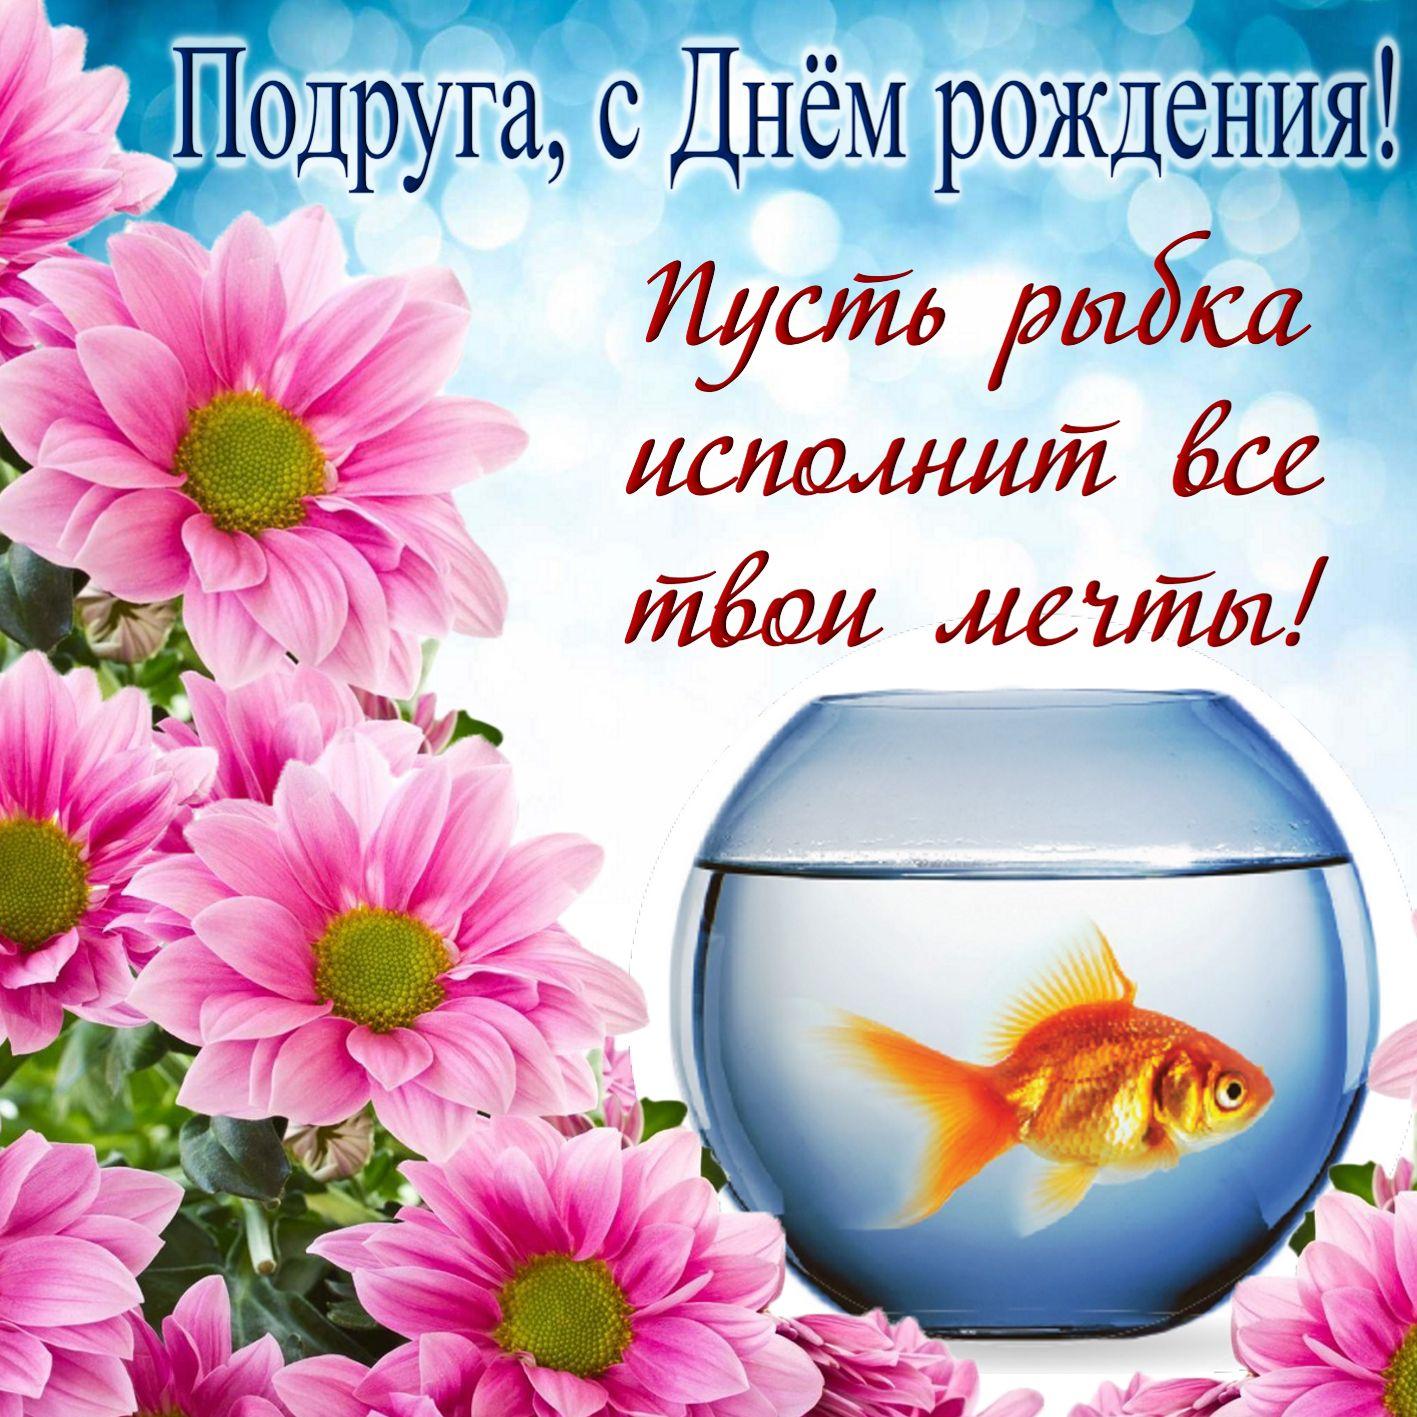 Картинка Золотая рыбка на фоне розовых цветов.